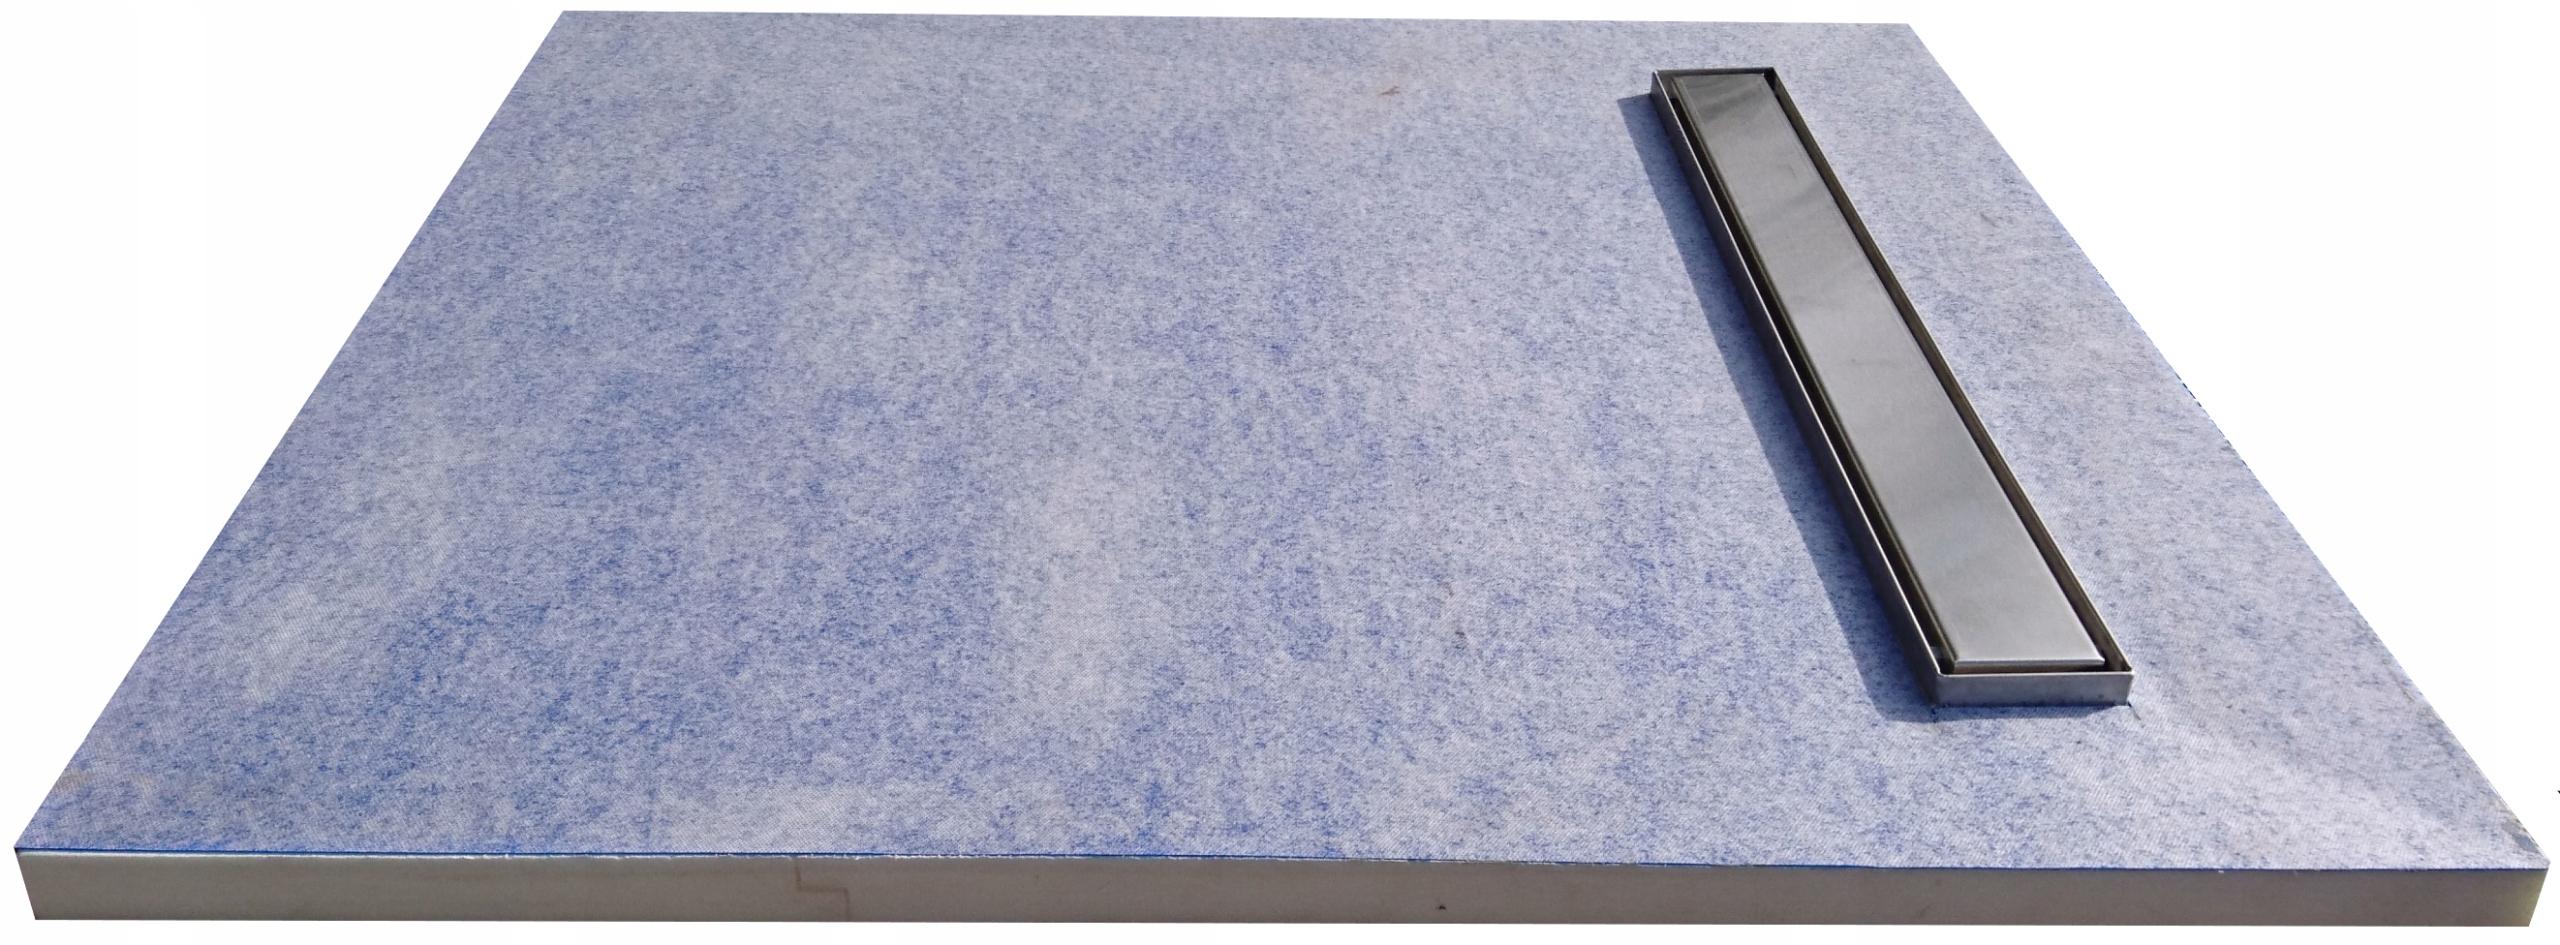 Sprchová vanička pod dlaždice S4 110x110 lineárny odtok 80